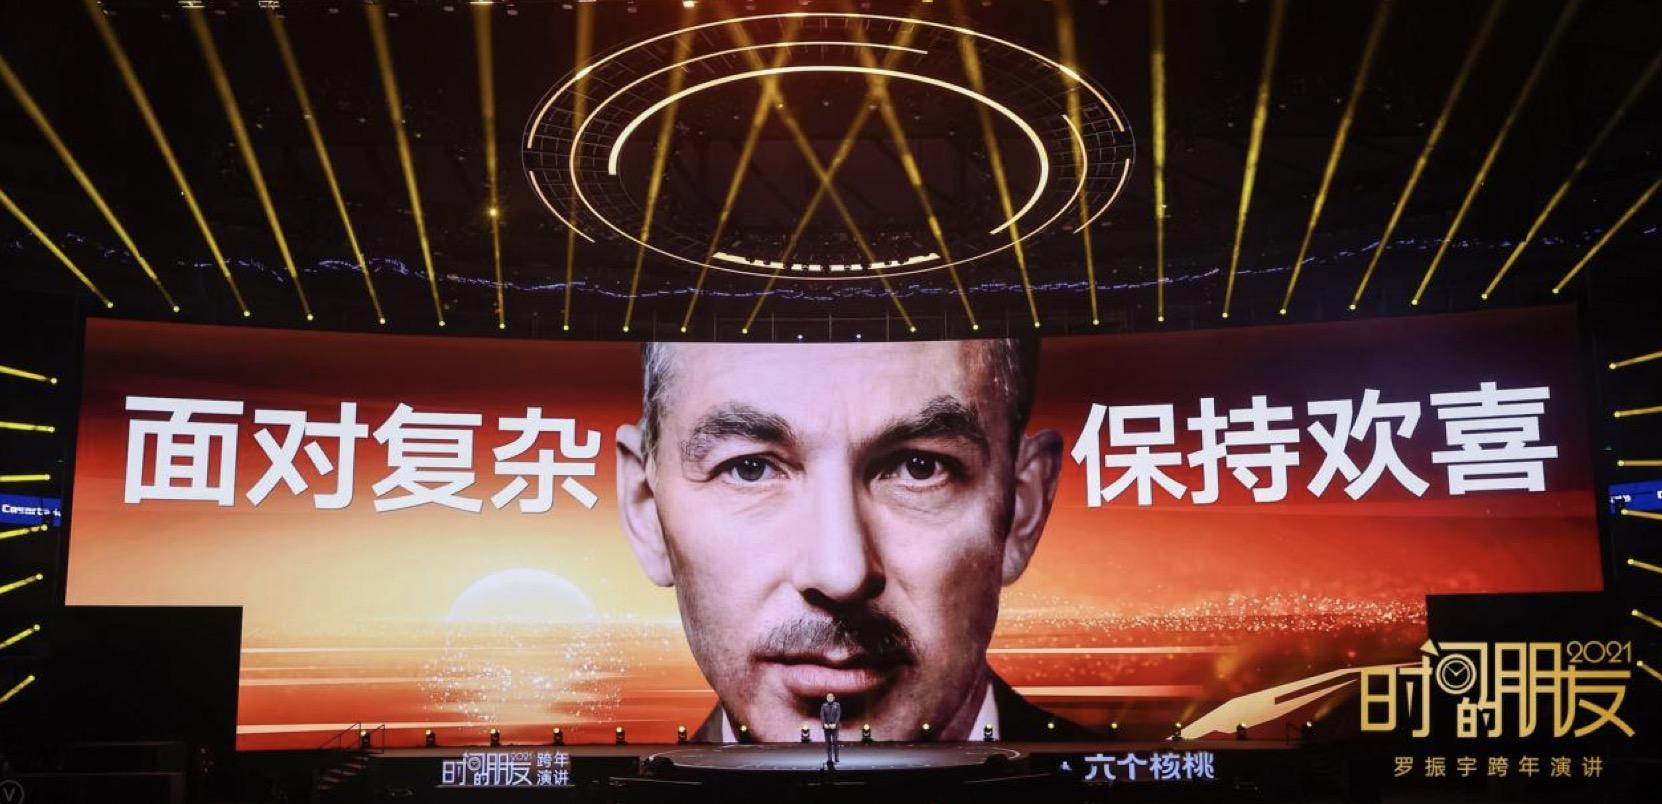 """usdt钱包支付(caibao.it):罗振宇2021时间的同伙跨年演讲:迎接""""长大以后""""新挑战 第9张"""